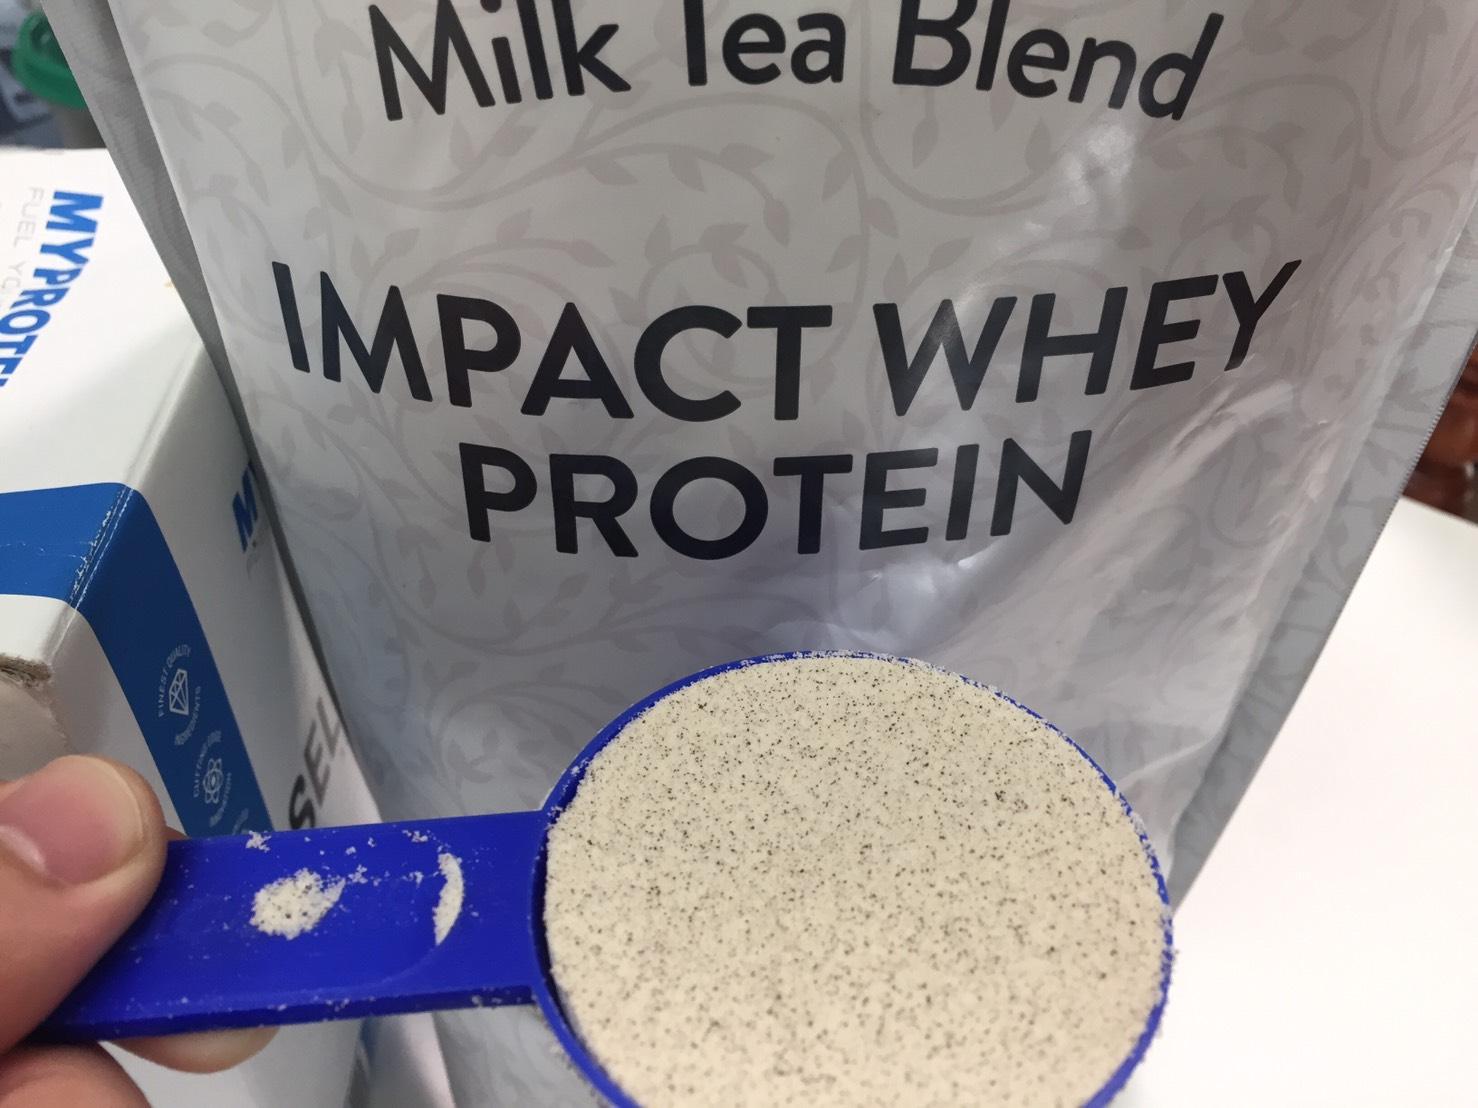 【WPC】Impactホエイプロテイン「Milk Tea Blend(ミルクティー味)」の様子